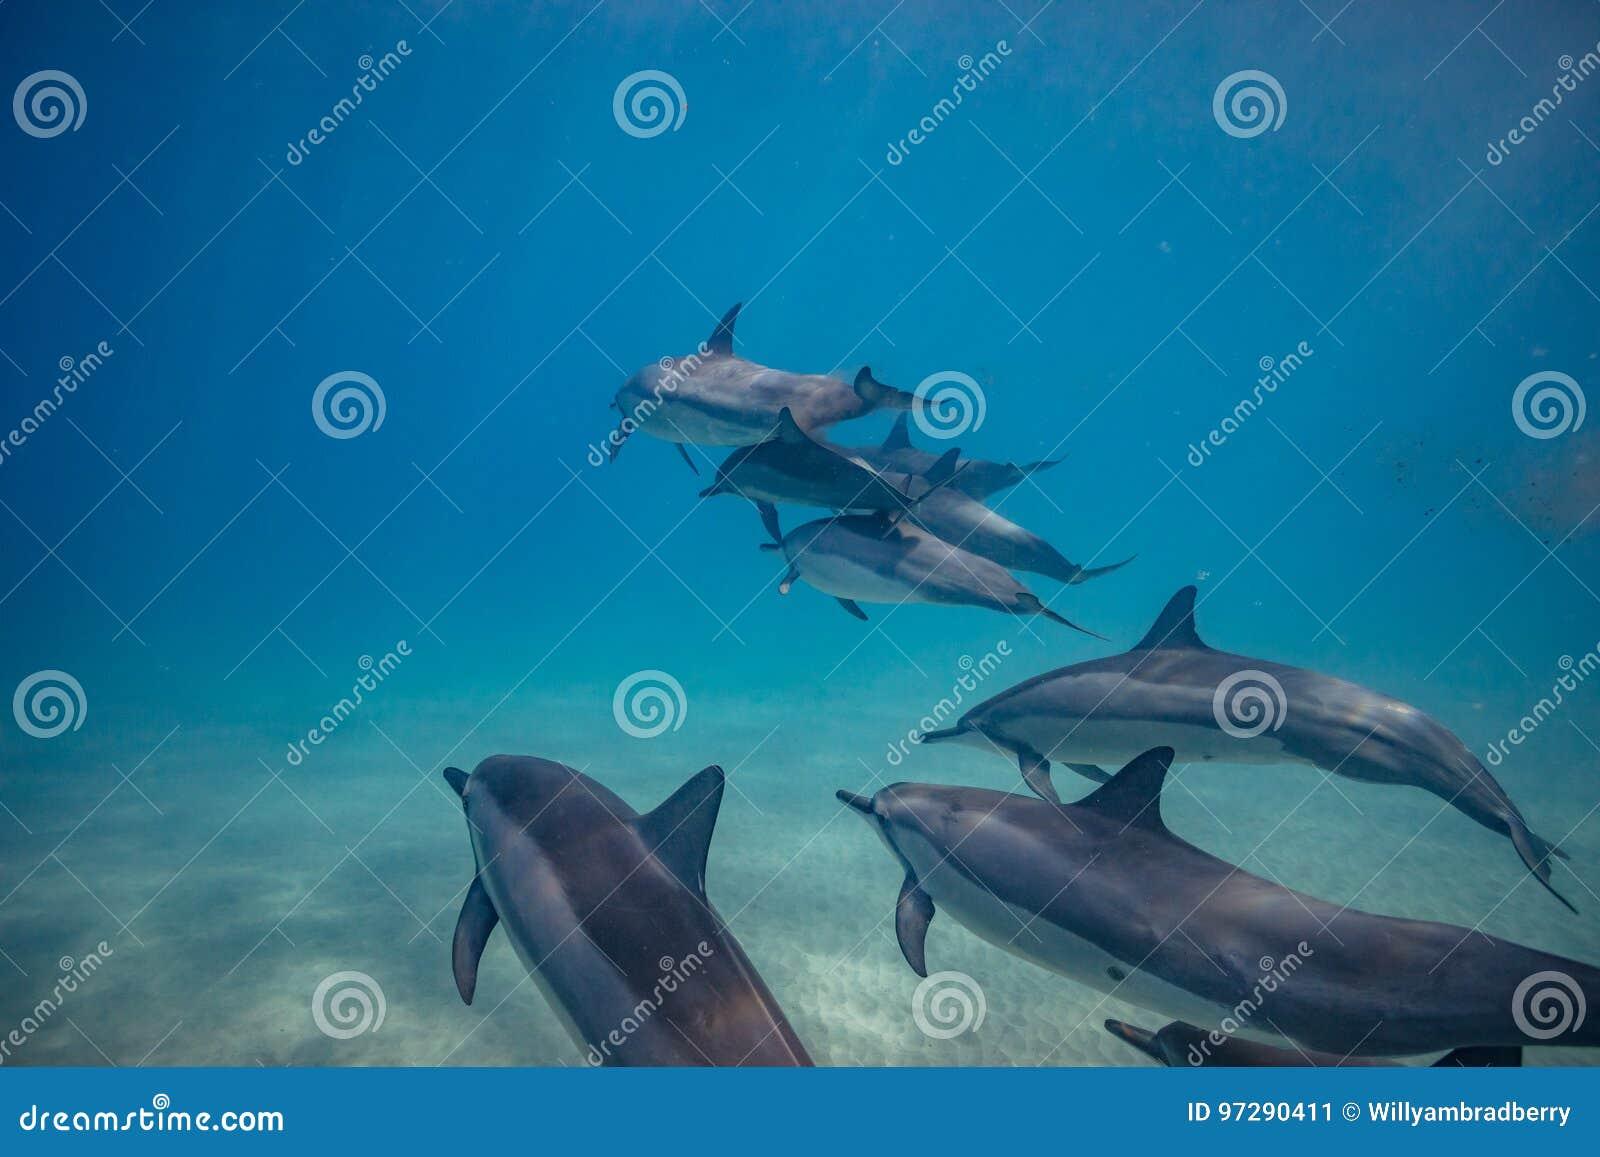 Vaina de los delfínes salvajes subacuáticos